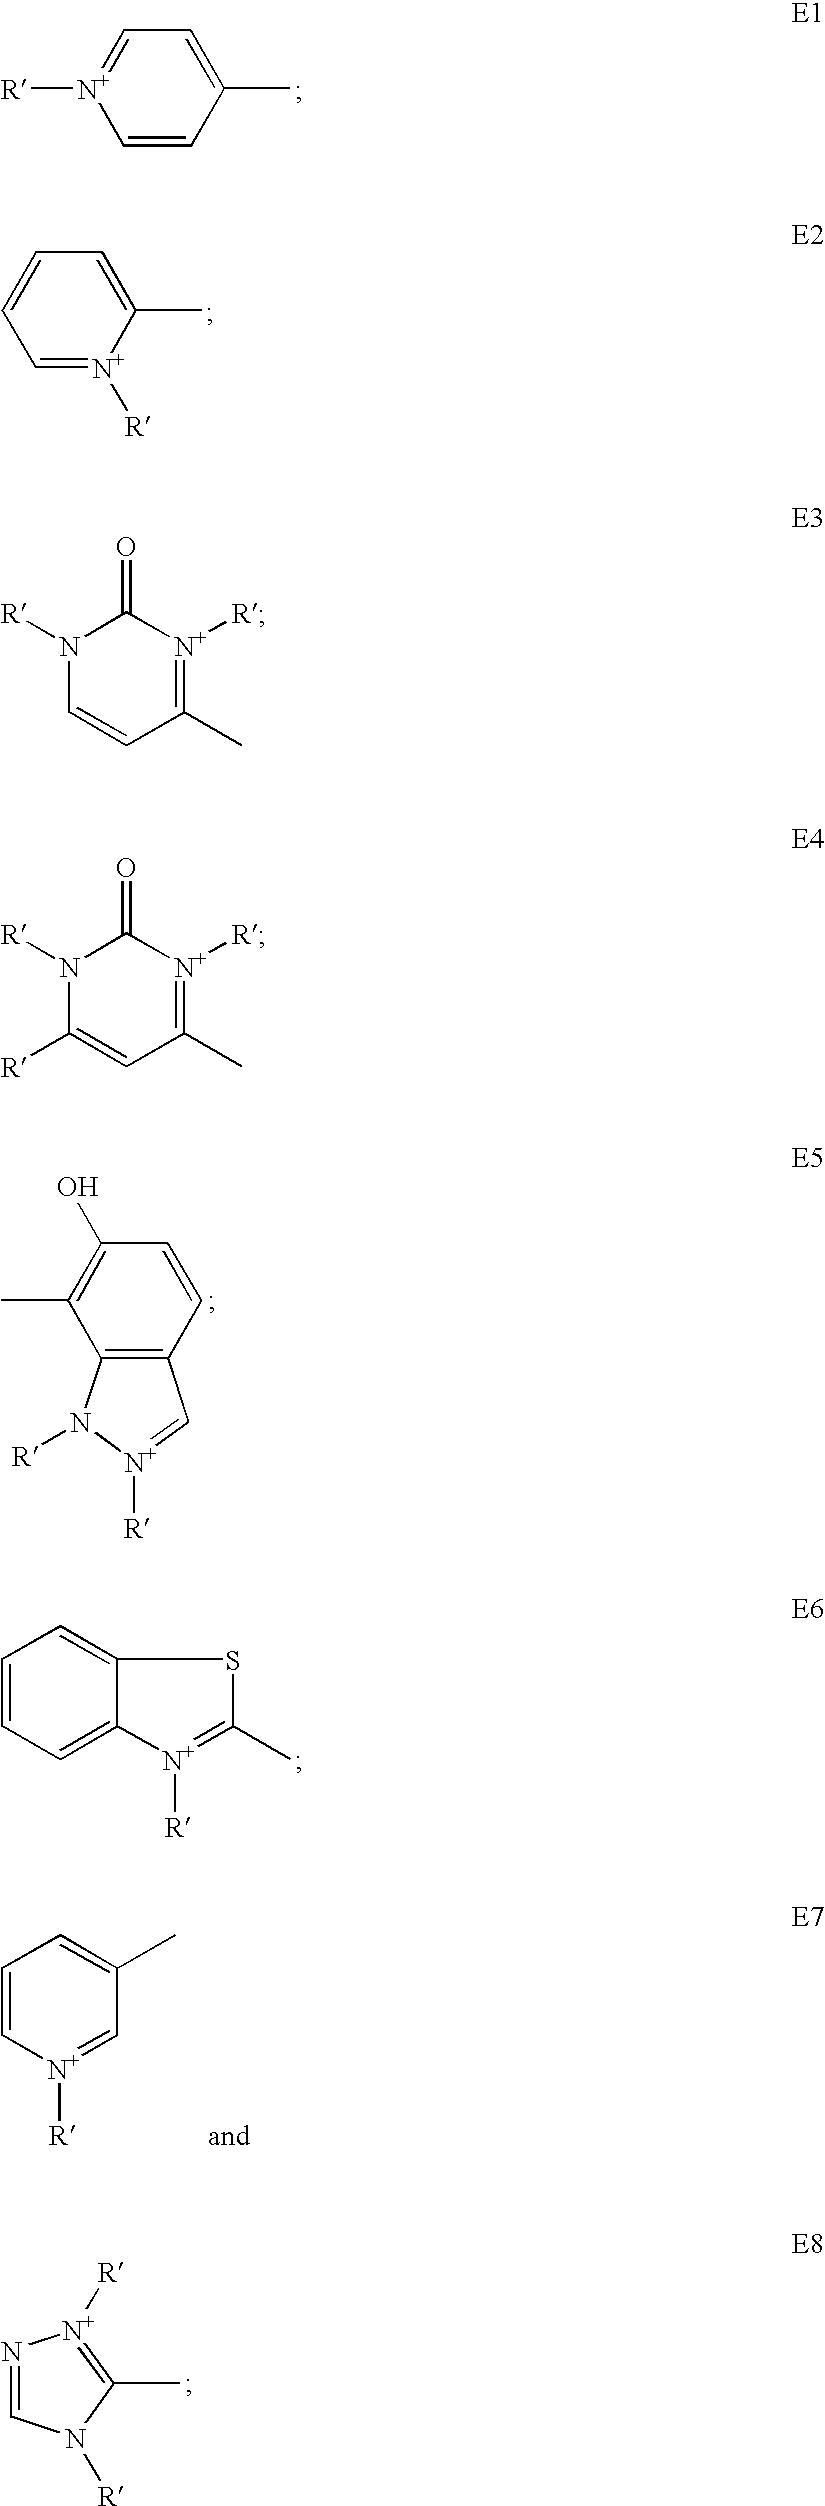 Figure US07947089-20110524-C00008